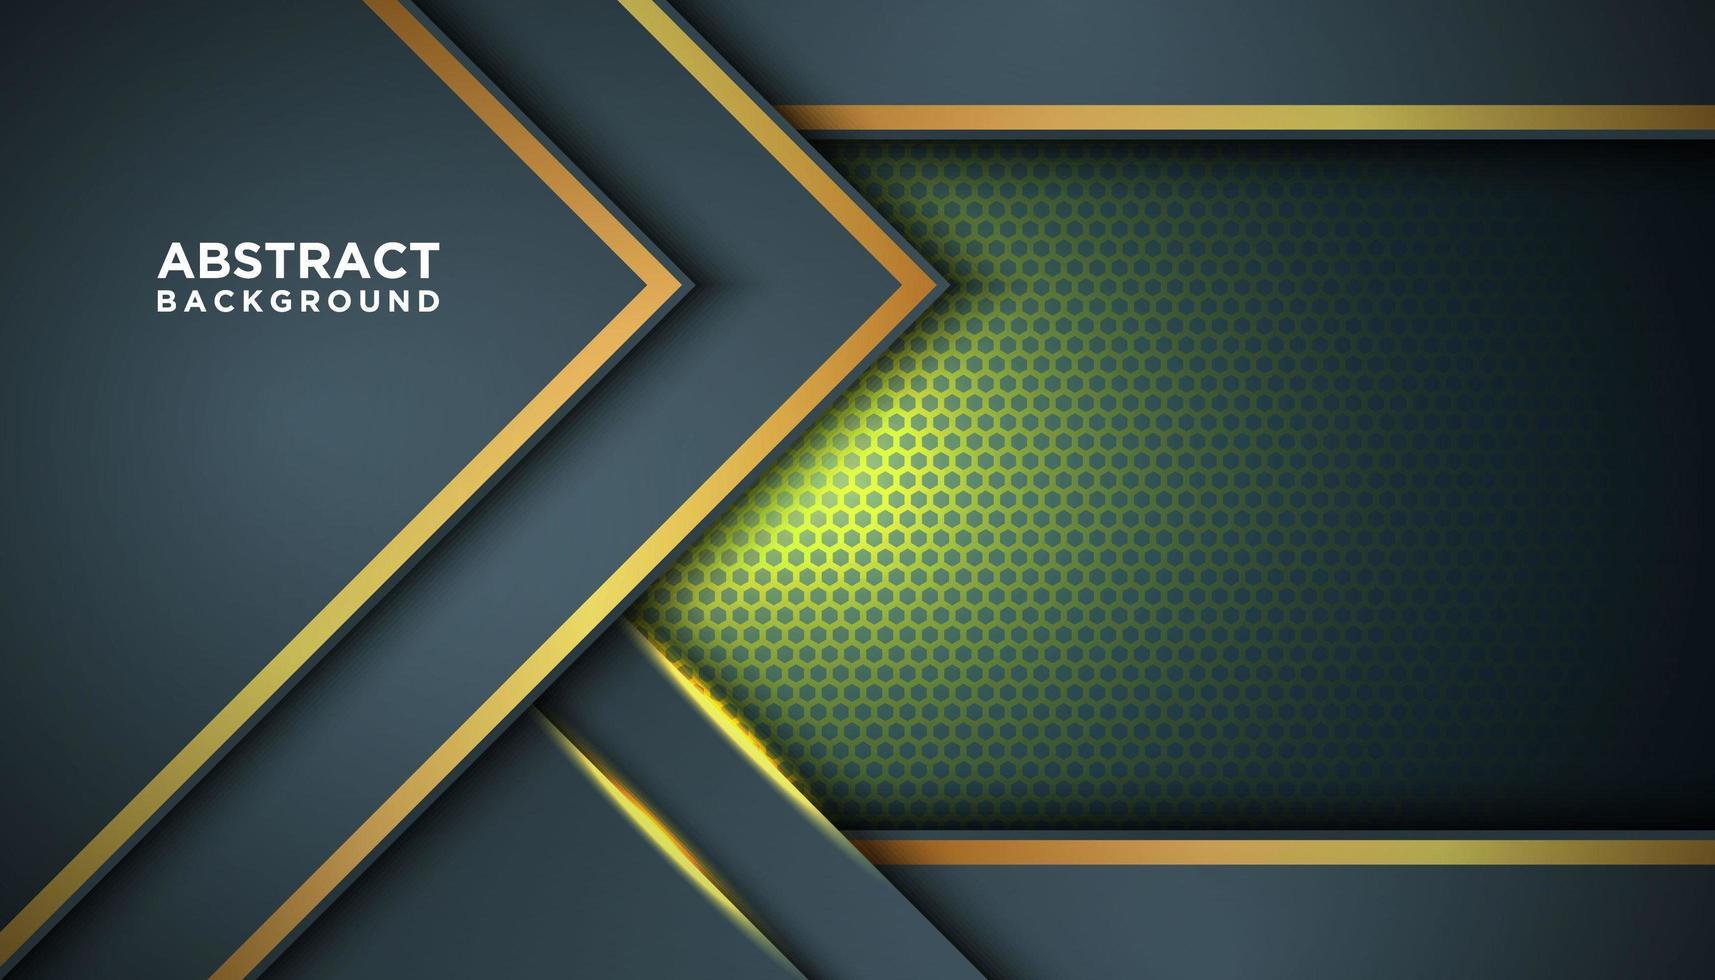 dunkelgrauer abstrakter Hintergrund mit Goldspitzenschichten vektor